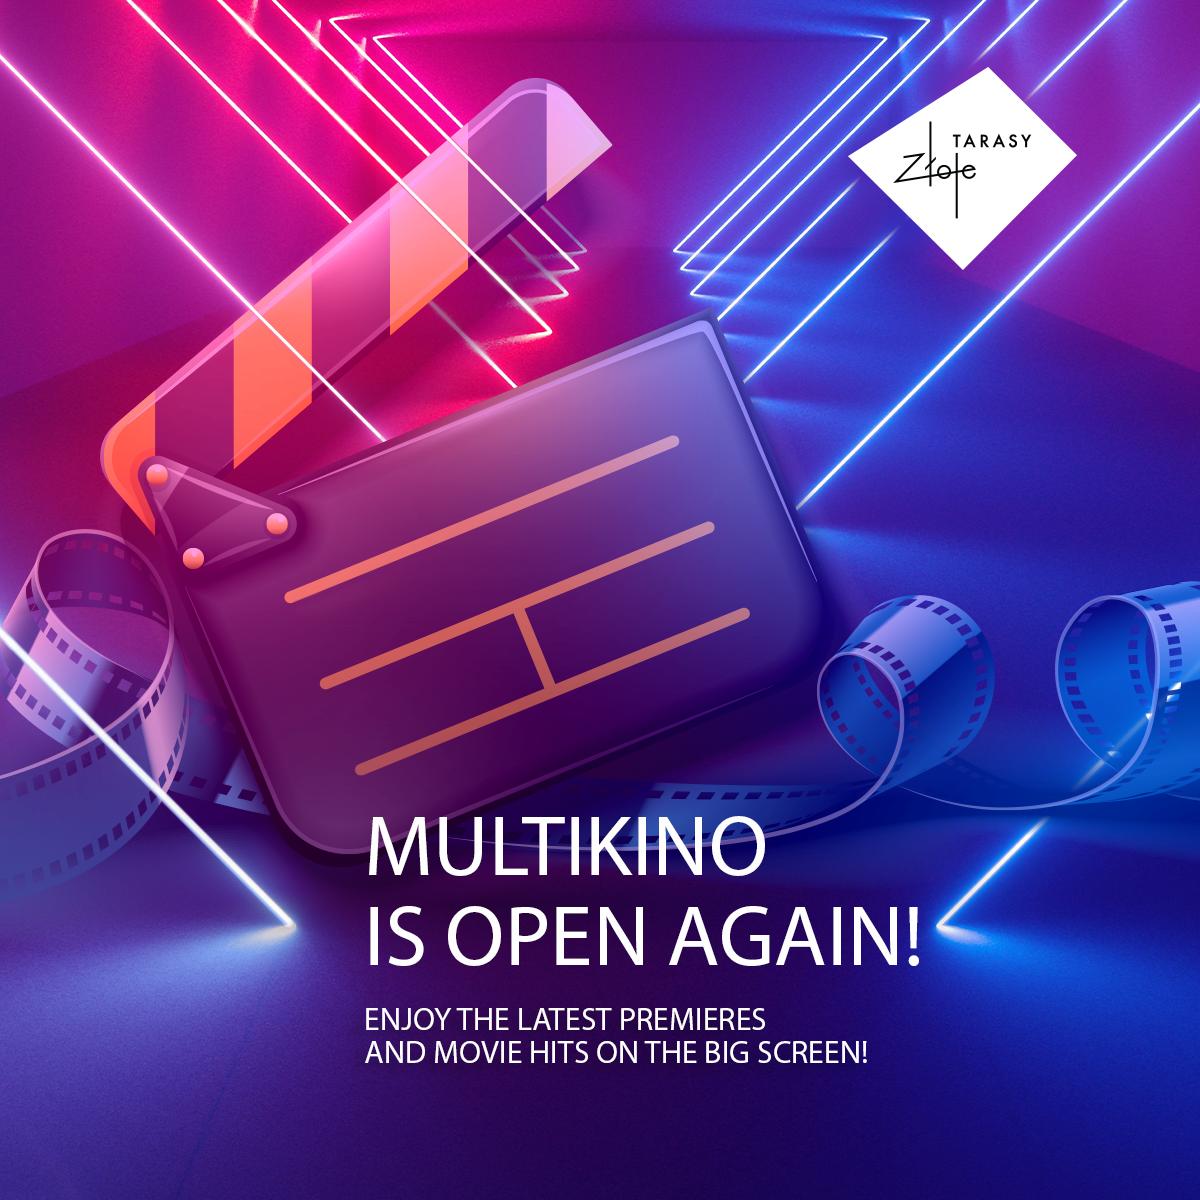 <p>Multikino jako pierwsza sieć kinowa otwiera swoje multipleksy! W piątek 19 czerwca w wybranych kinach sieci Multikino odbyły się pierwsze seanse filmowe. Przyjemny i bezproblemowy udział w projekcji filmów zapewni przygotowane zaplecze sanitarne. Widzowie mogą znów oglądać na wielkim ekranie premiery filmowe, produkcje, które były w repertuarze na początku 2020 roku oraz hity ostatnich lat. [&hellip;]</p>